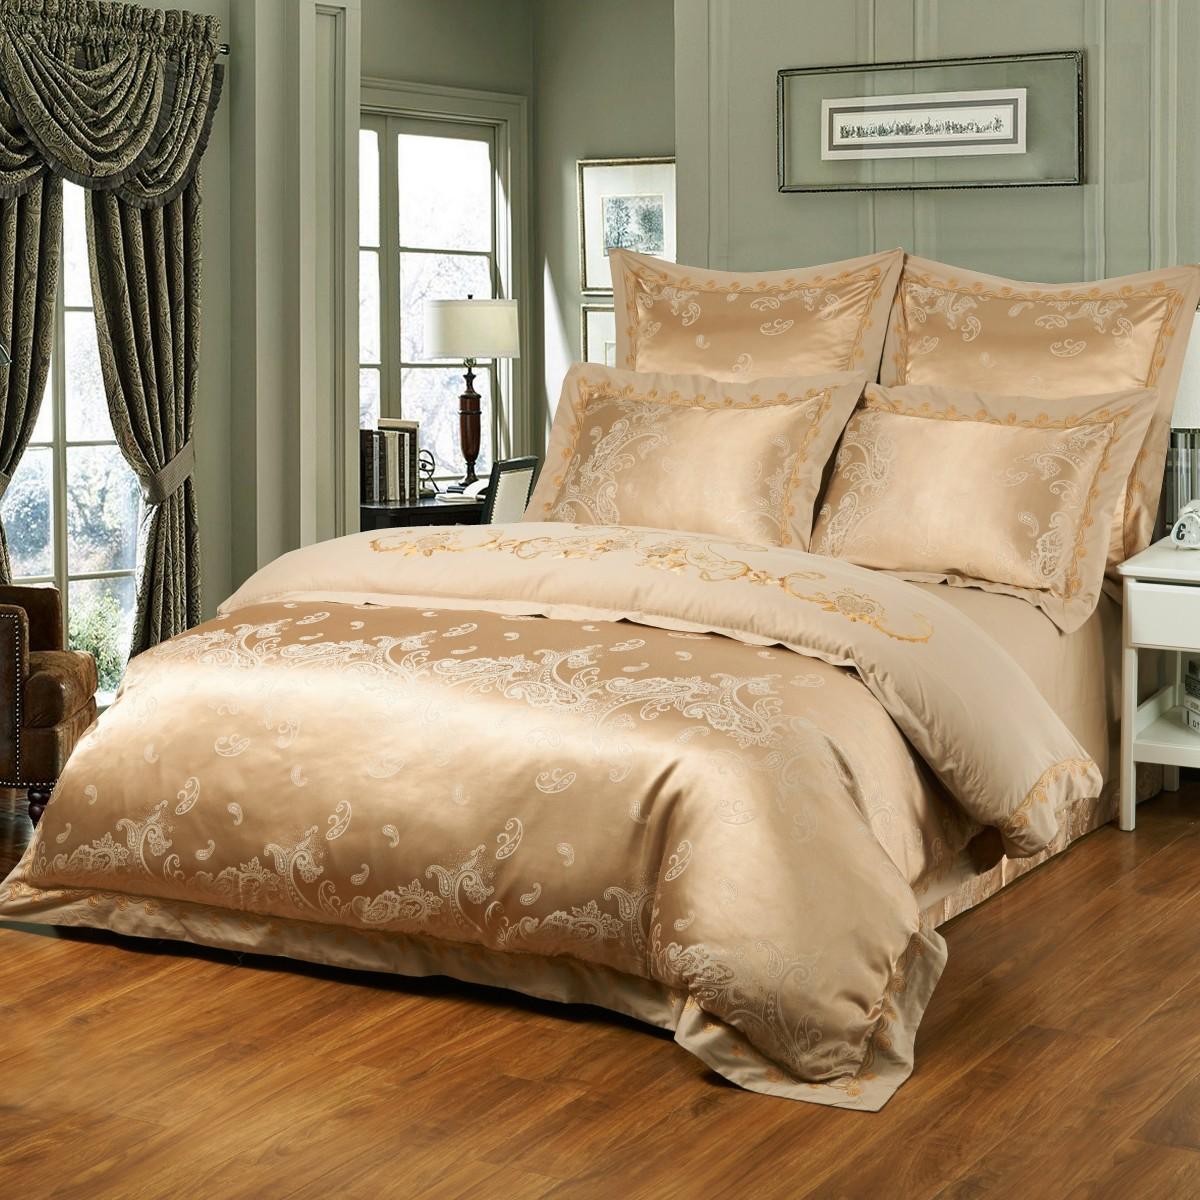 Комплект постельного бельяДвуспальные комплекты постельного белья<br>Роскошное постельное белье для обладателей изысканного вкуса.&amp;lt;div&amp;gt;&amp;lt;br&amp;gt;&amp;lt;div&amp;gt;В комплект входит:&amp;lt;/div&amp;gt;&amp;lt;div&amp;gt;Пододеяльник: 220х200 см (1шт)&amp;amp;nbsp;&amp;lt;/div&amp;gt;&amp;lt;div&amp;gt;Простыня: 230х250 см (1шт)&amp;amp;nbsp;&amp;lt;/div&amp;gt;&amp;lt;div&amp;gt;Наволочки: 50х70 см (2шт); 70х70 см. (2шт)&amp;lt;/div&amp;gt;&amp;lt;/div&amp;gt;<br><br>Material: Сатин<br>Length см: 220<br>Width см: 200